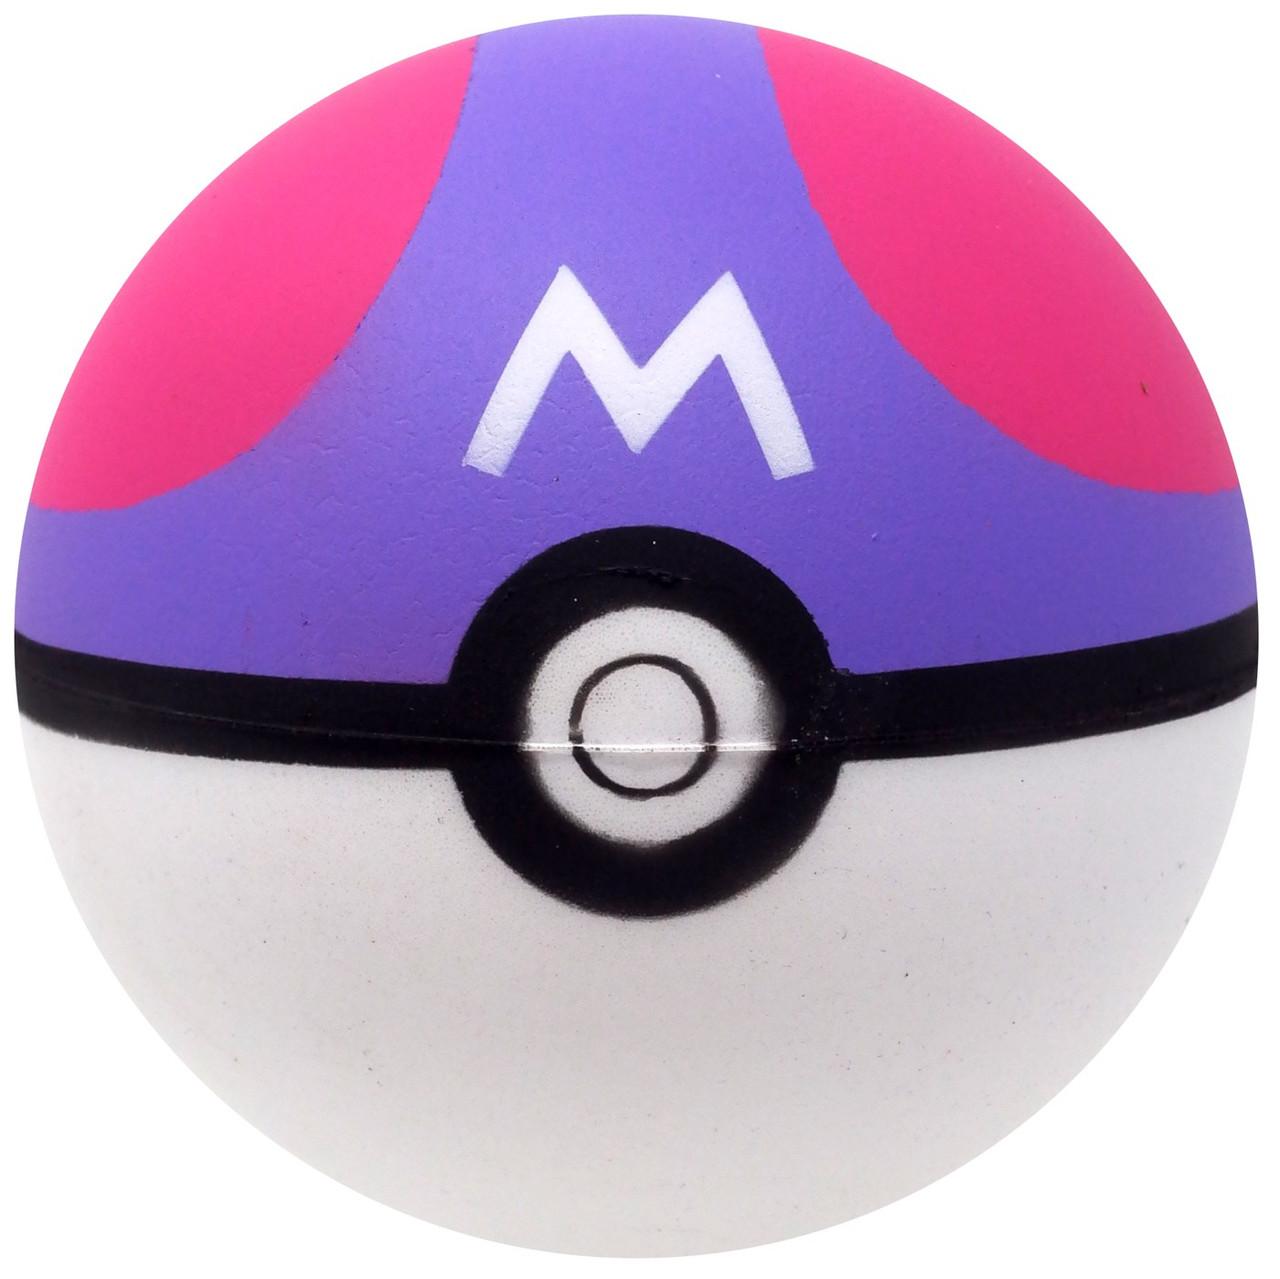 Pokemon Master Ball 2 Foam Ball Toywiz